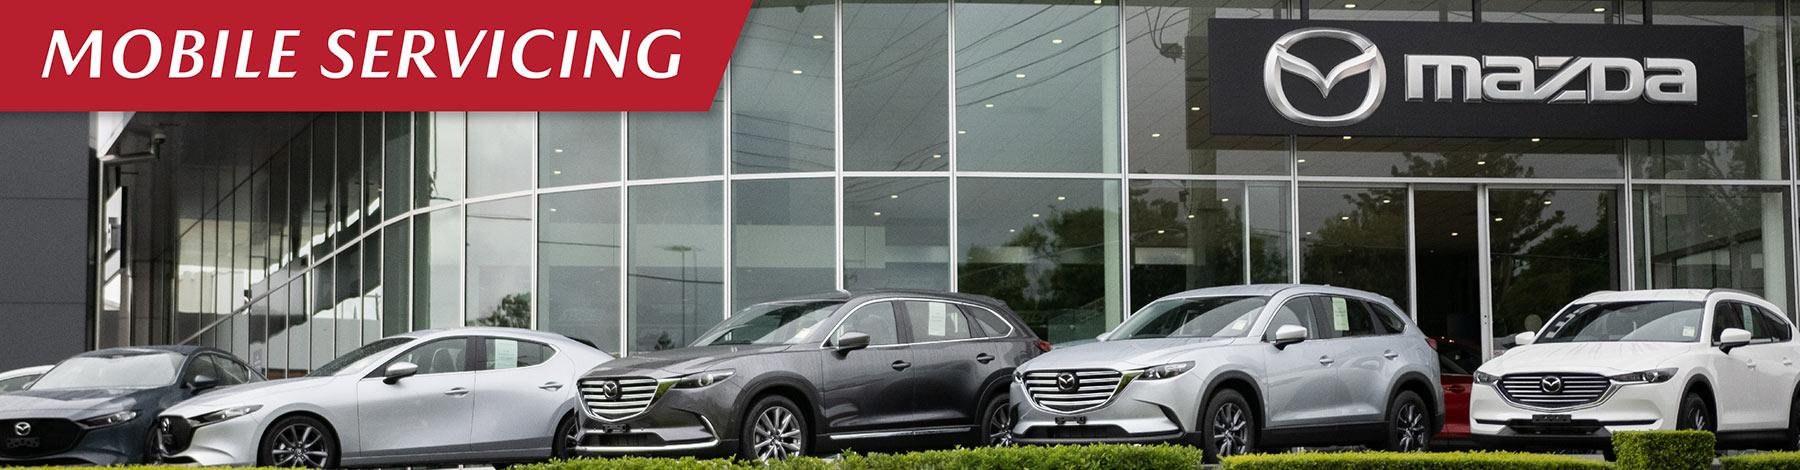 Grand Prix Mazda Aspley Mobile Servicing